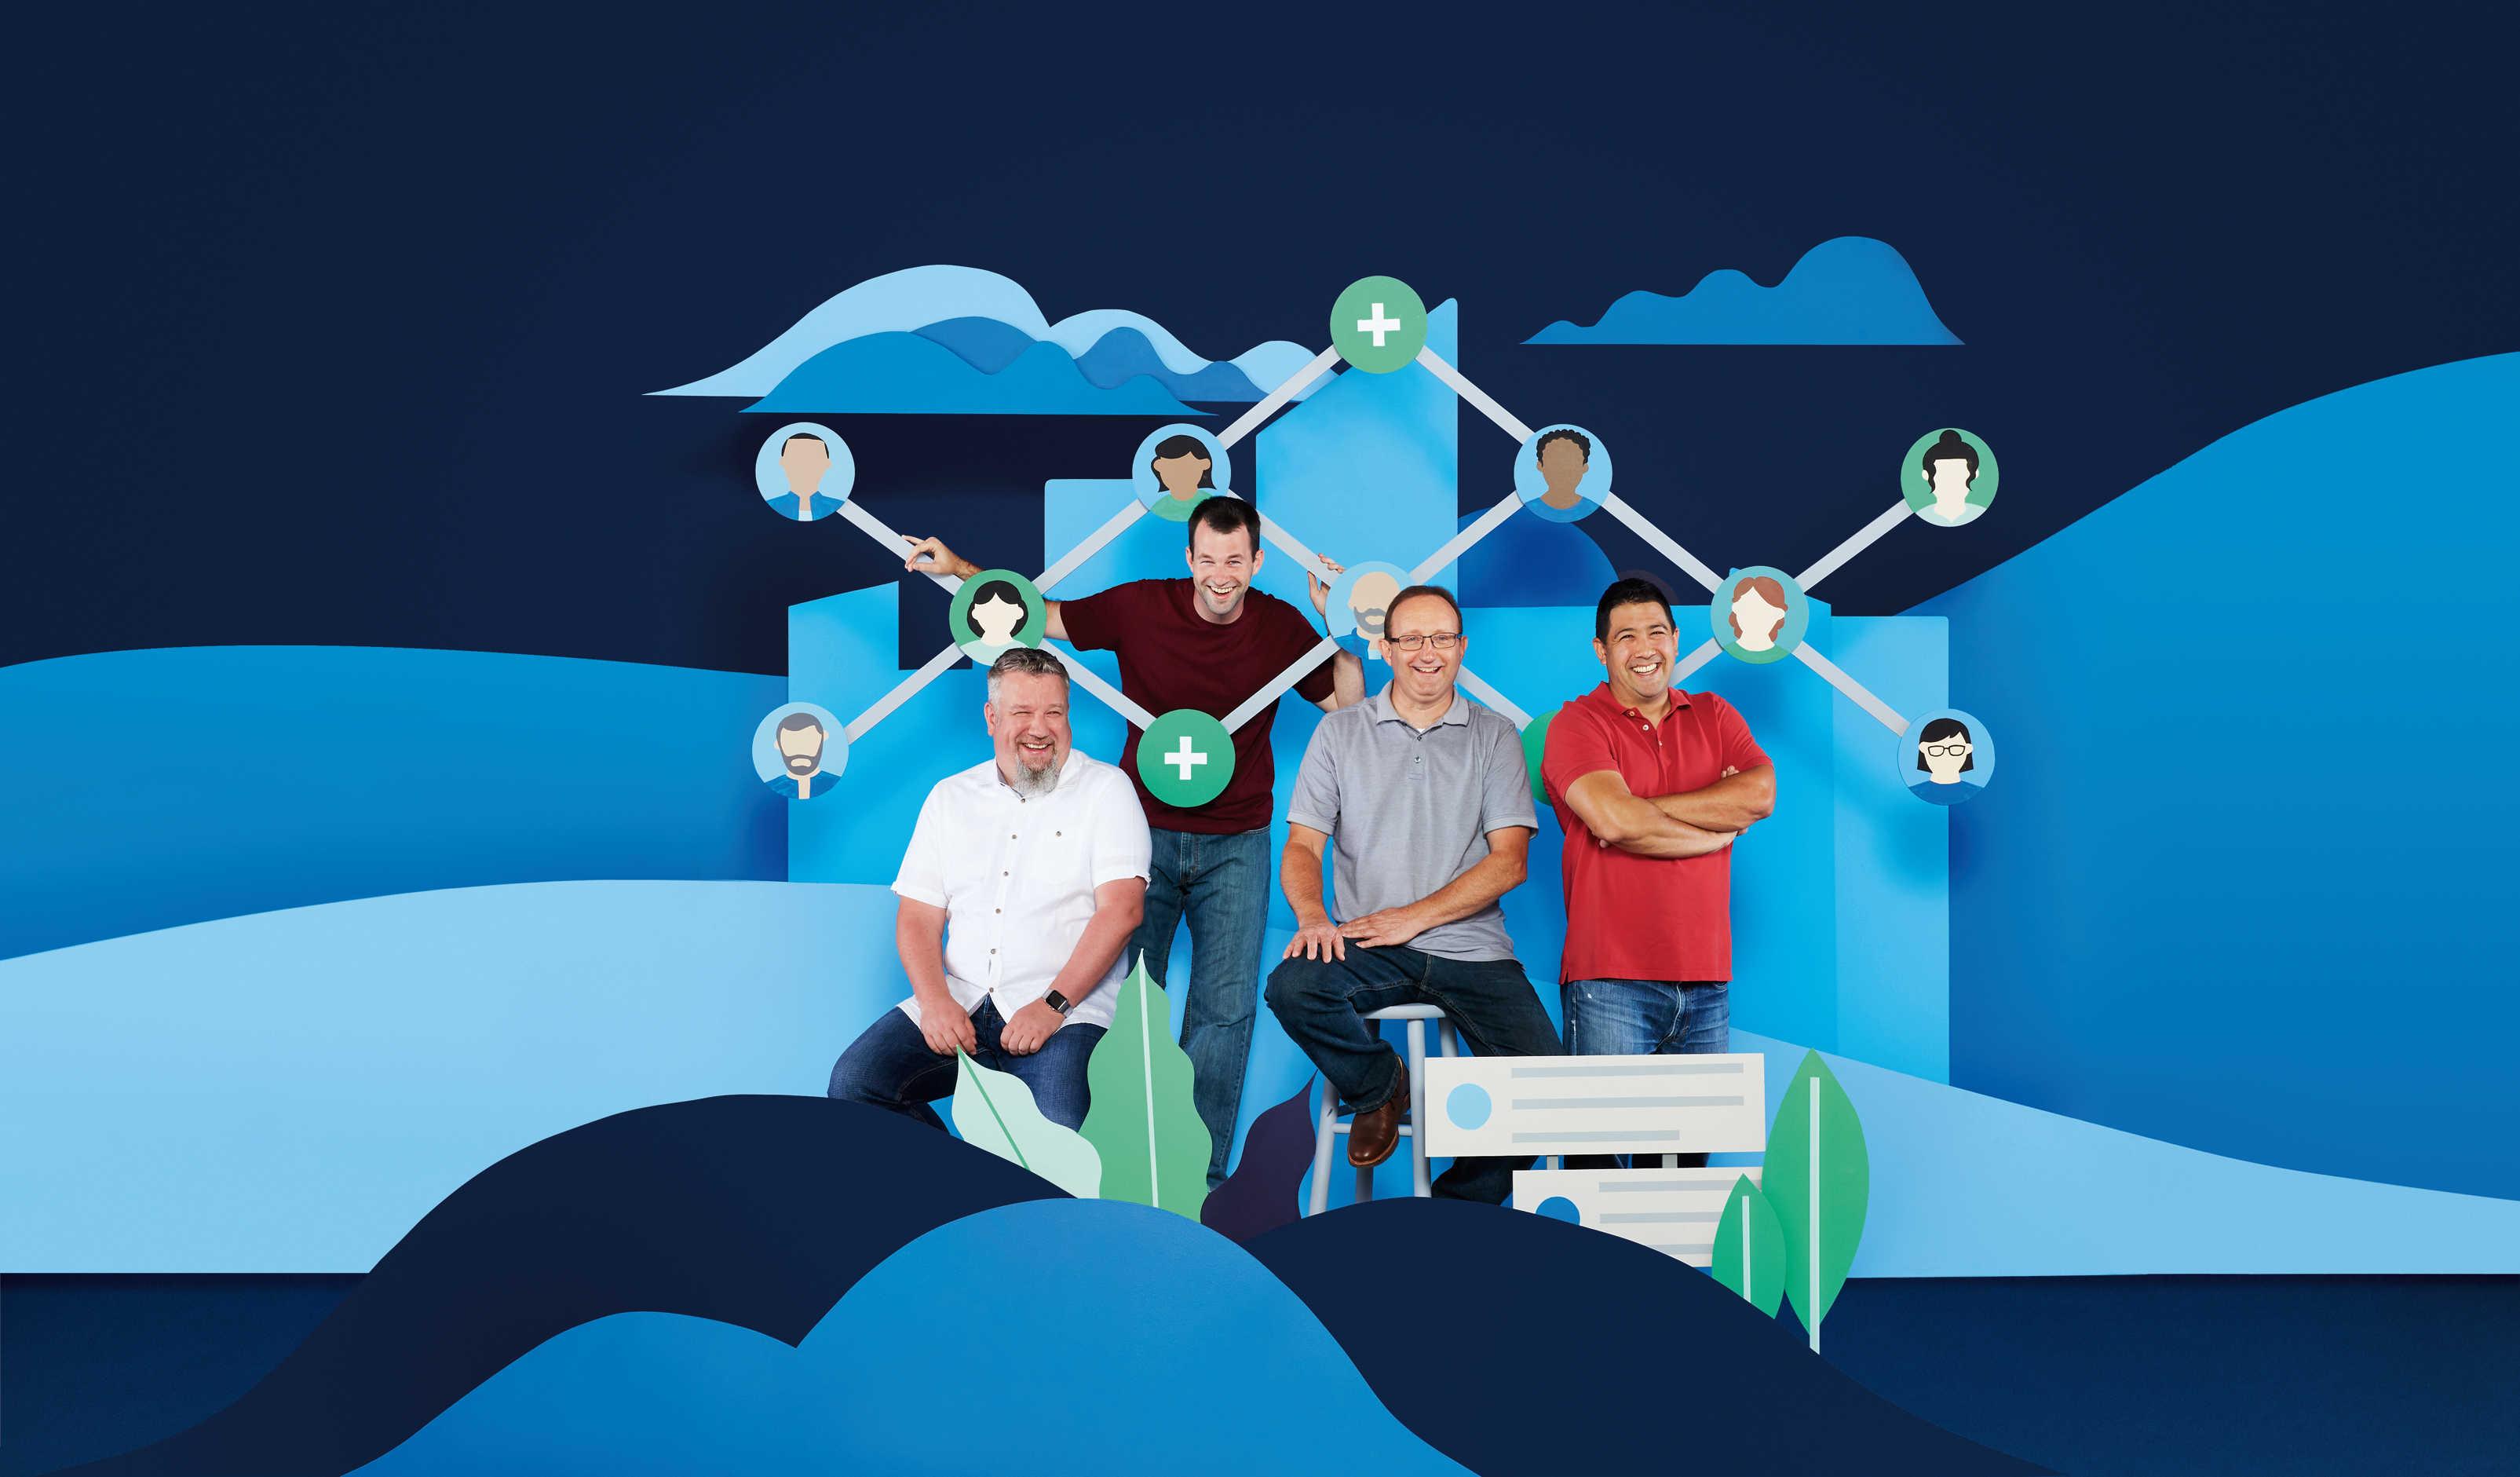 Descubre cómo LinkedIn utilizó los productos empresariales de Atlassian para alcanzar los 500 millones de miembros